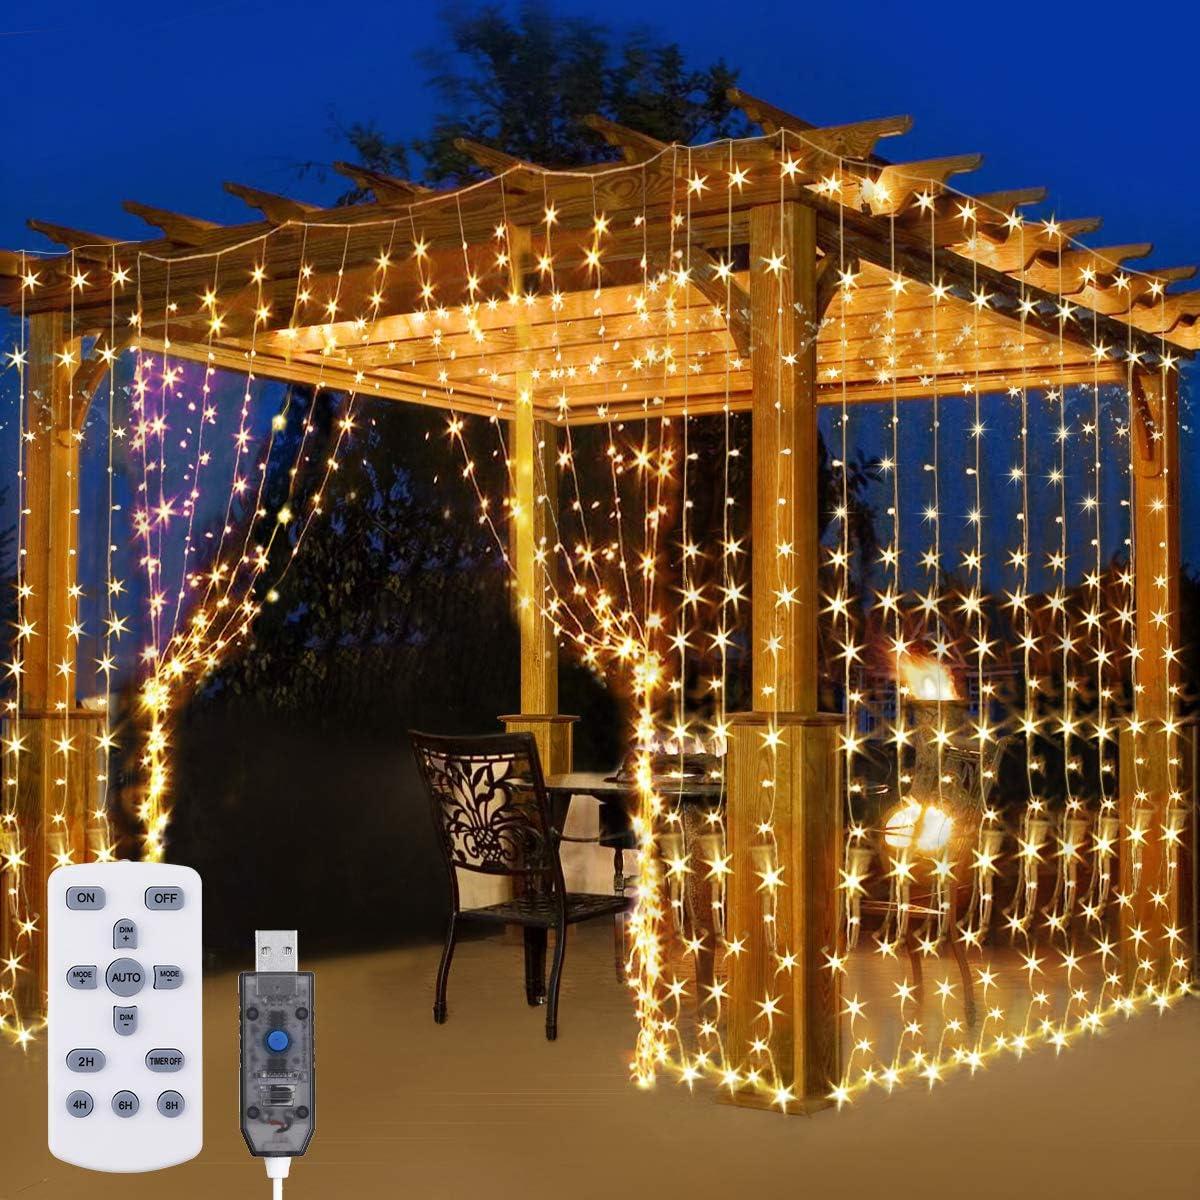 Elfeland LED Curtain Light Warm White: Amazon.es: Iluminación